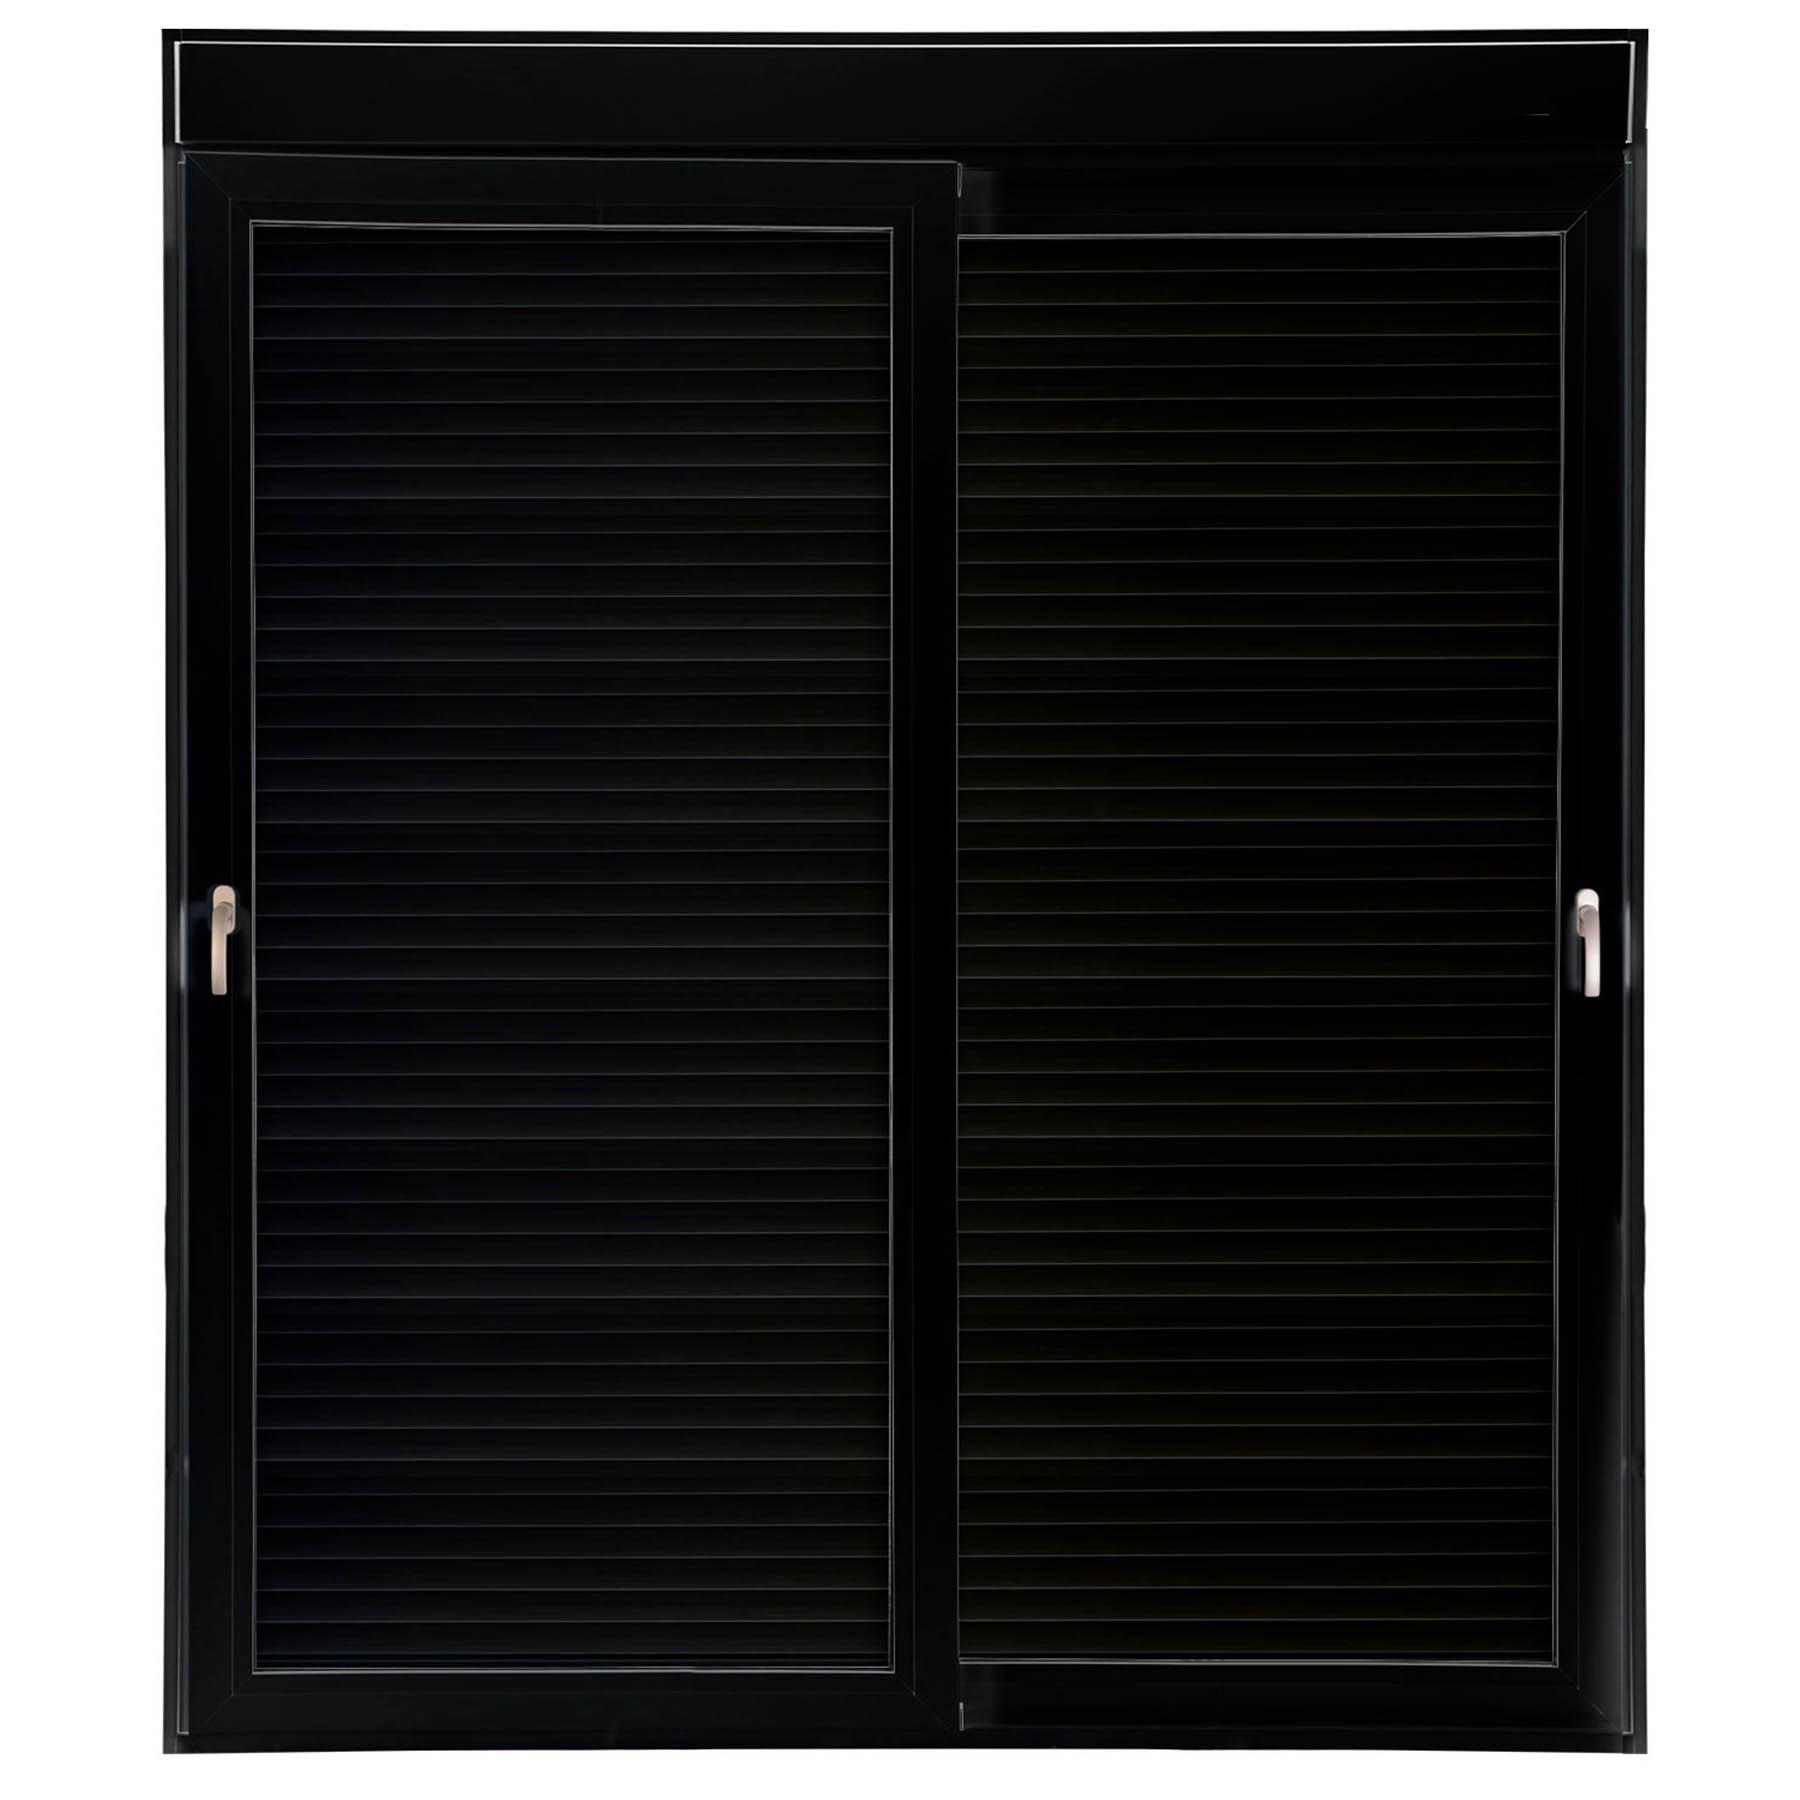 Porta 2 folhas de Correr cor Preta com Vidro com Sem Travessa e Persiana Automática 110V com Fecho Multiponto - 200x235 - Veneza